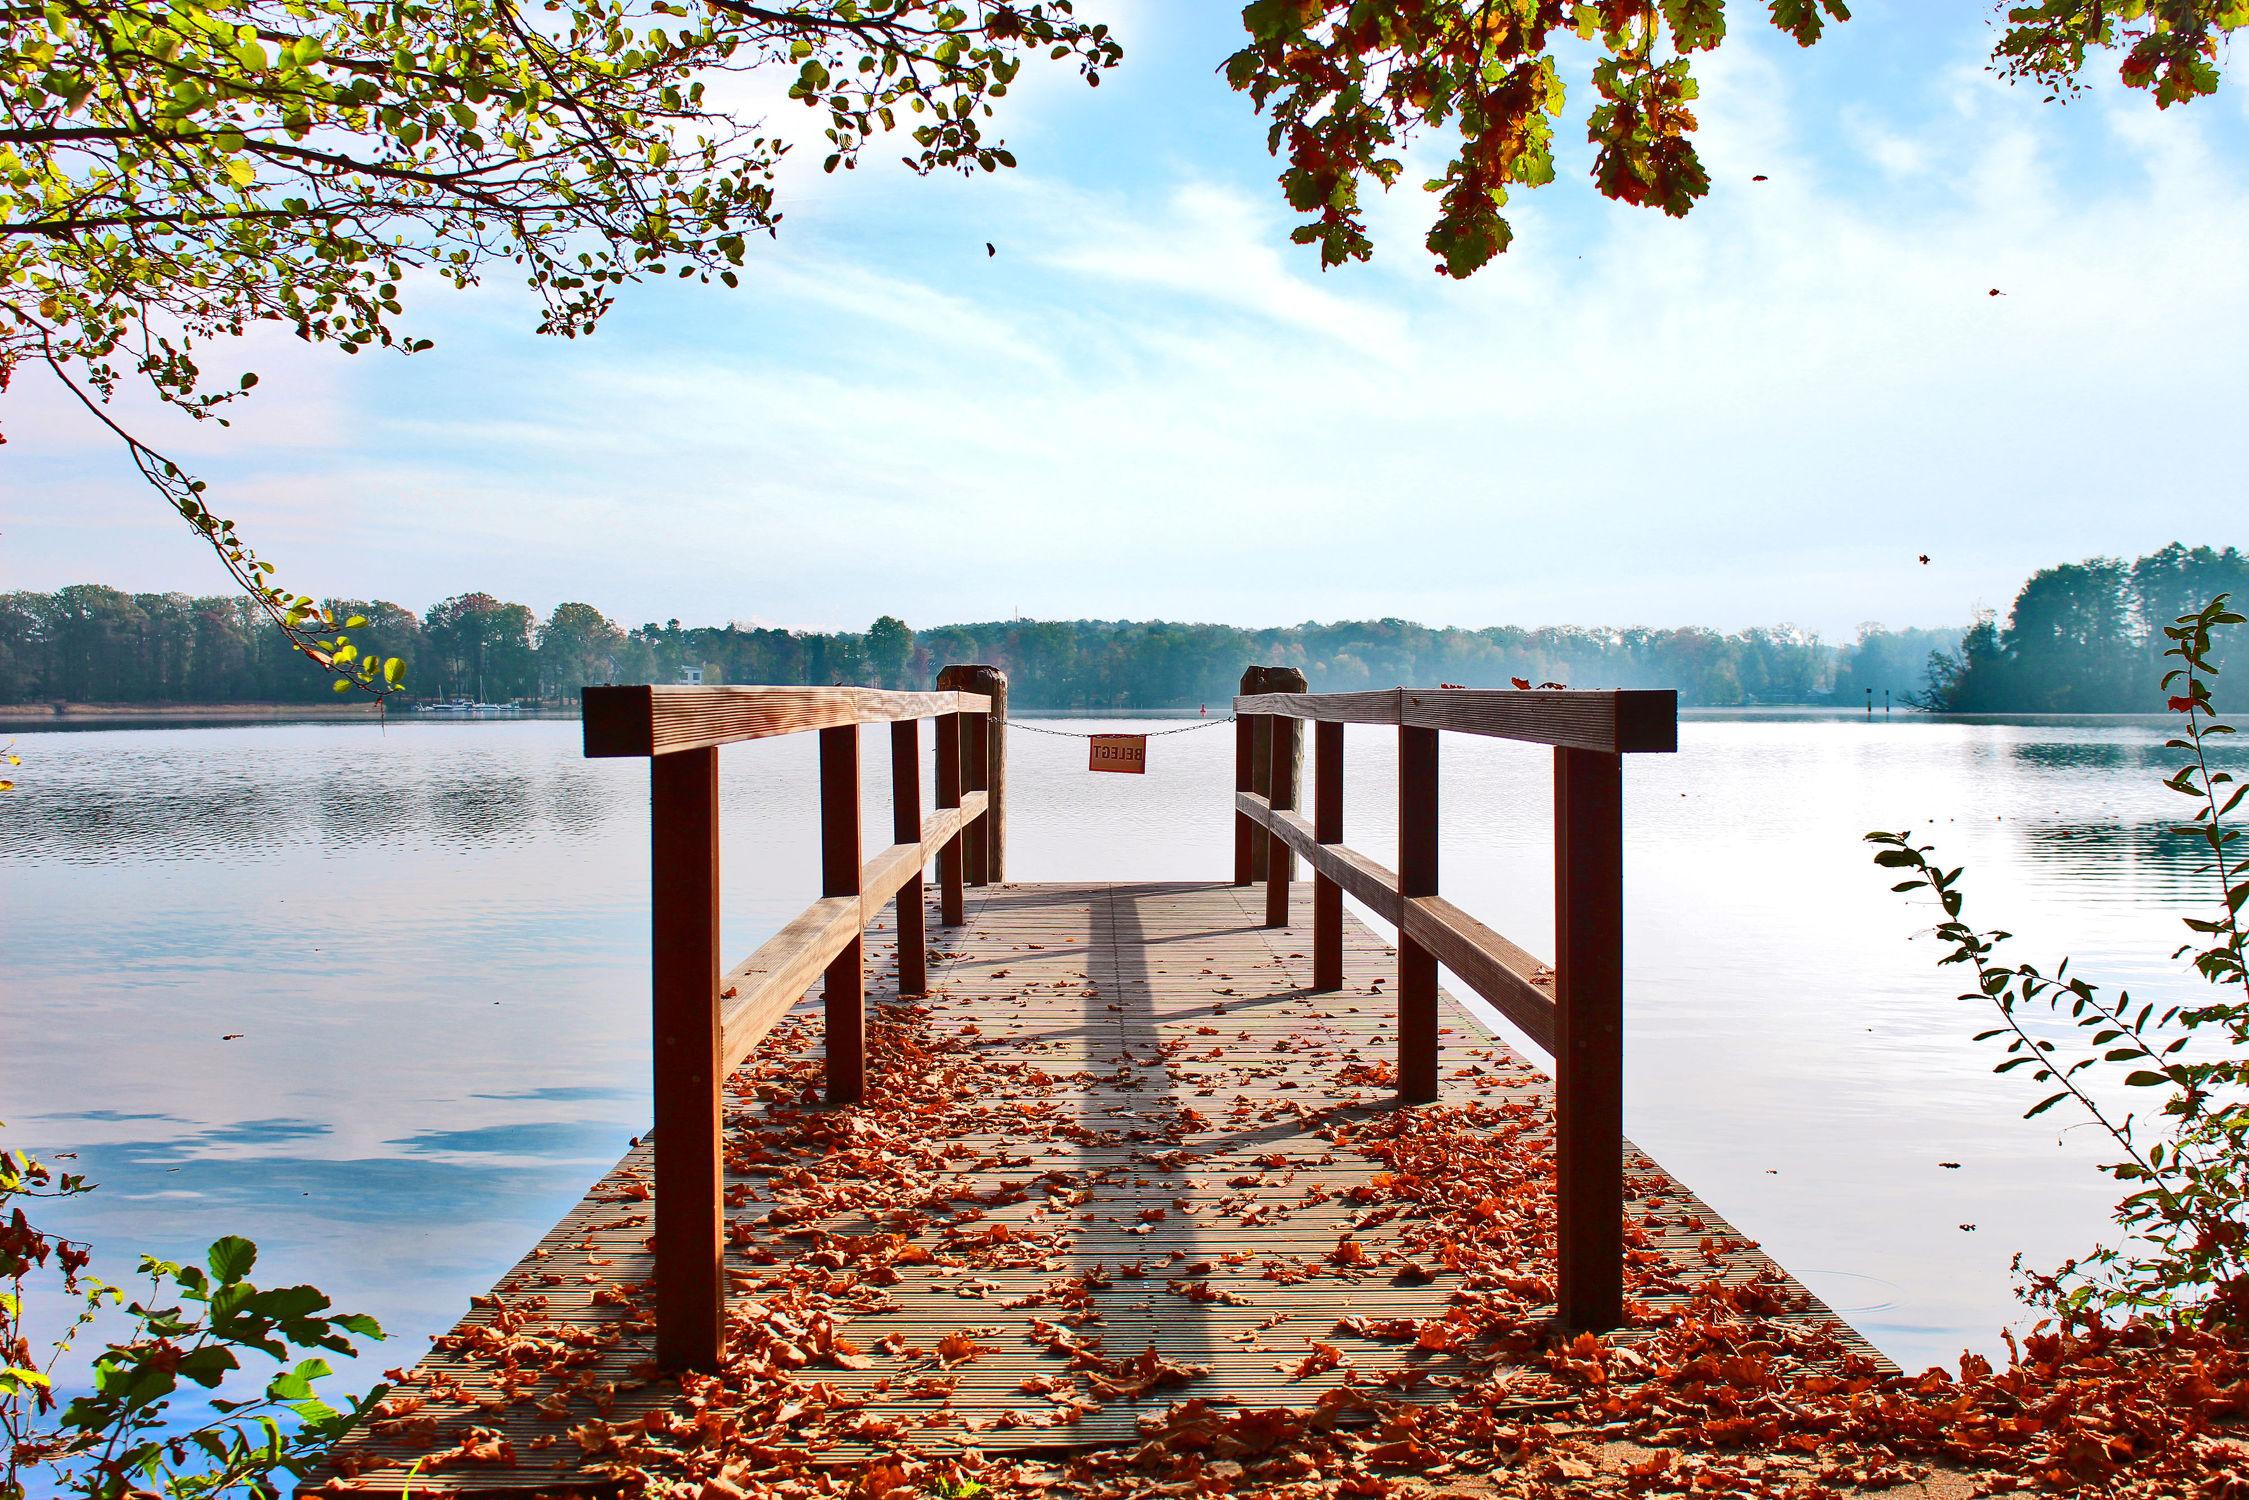 Bild mit Gewässer, Herbst, Sonnenuntergang, Sonnenaufgang, Steg, Holzsteg, Scharmützelsee